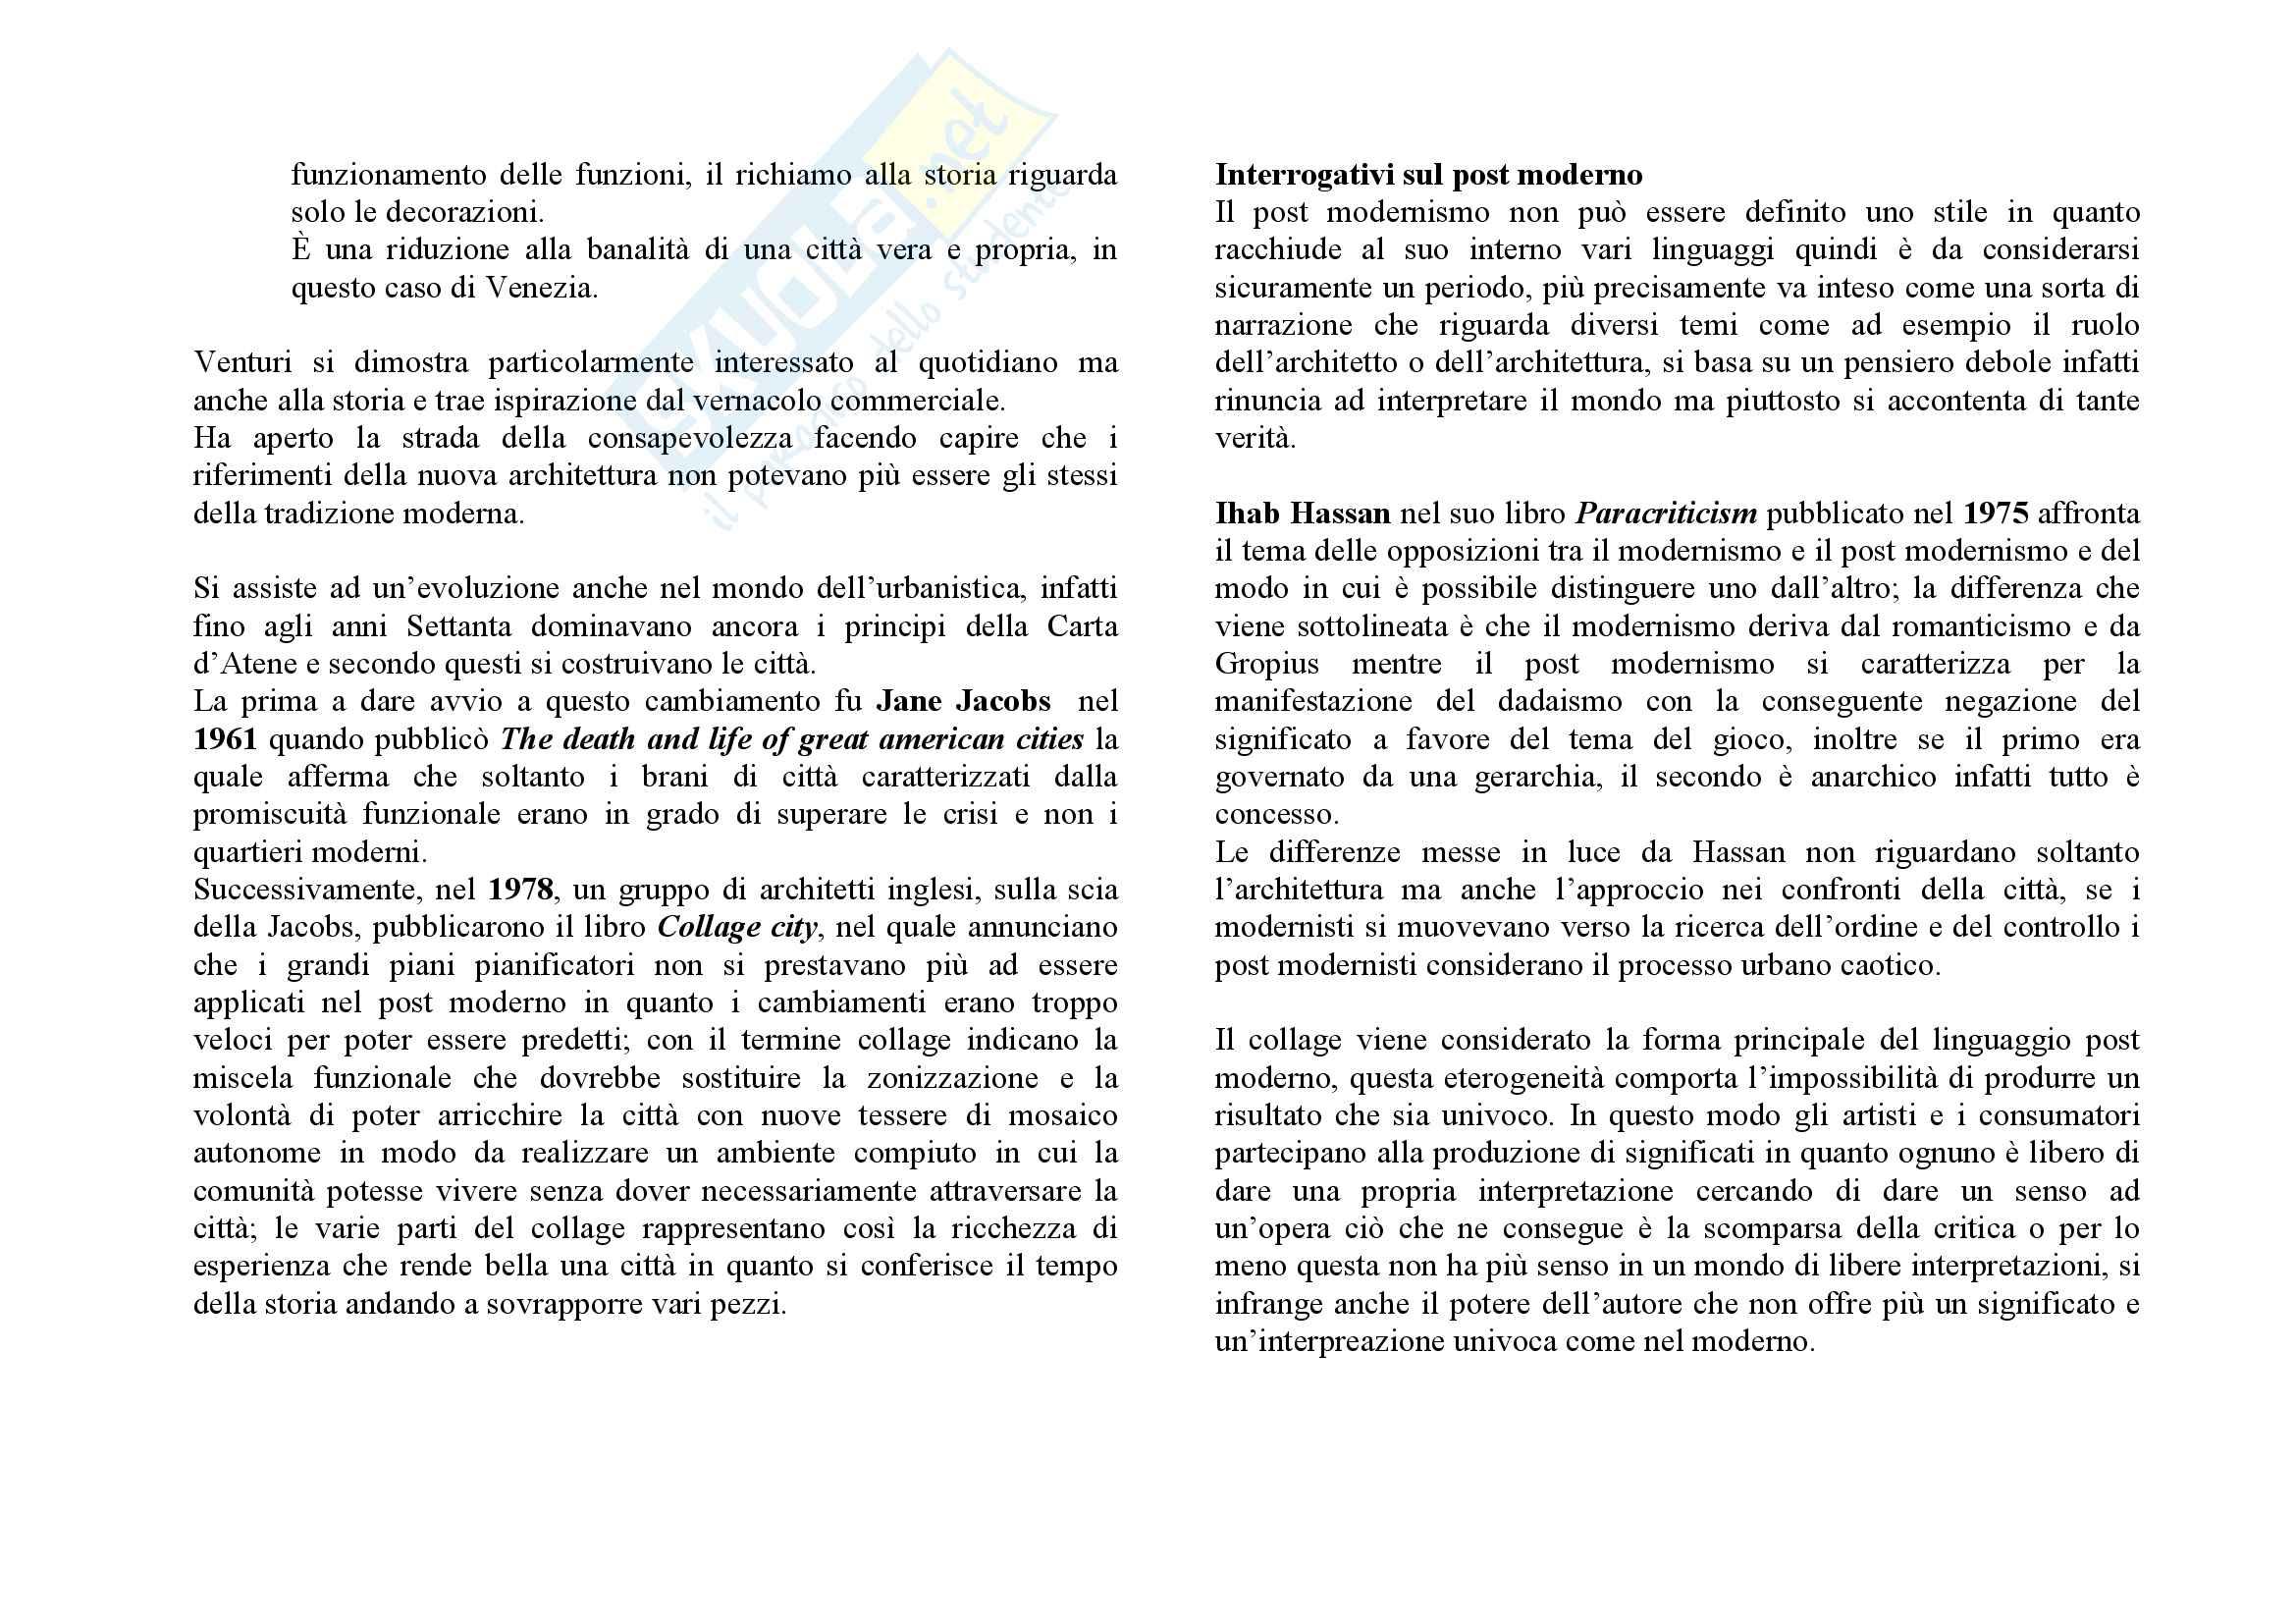 Storia dell'architettura del secondo Novecento Pag. 51